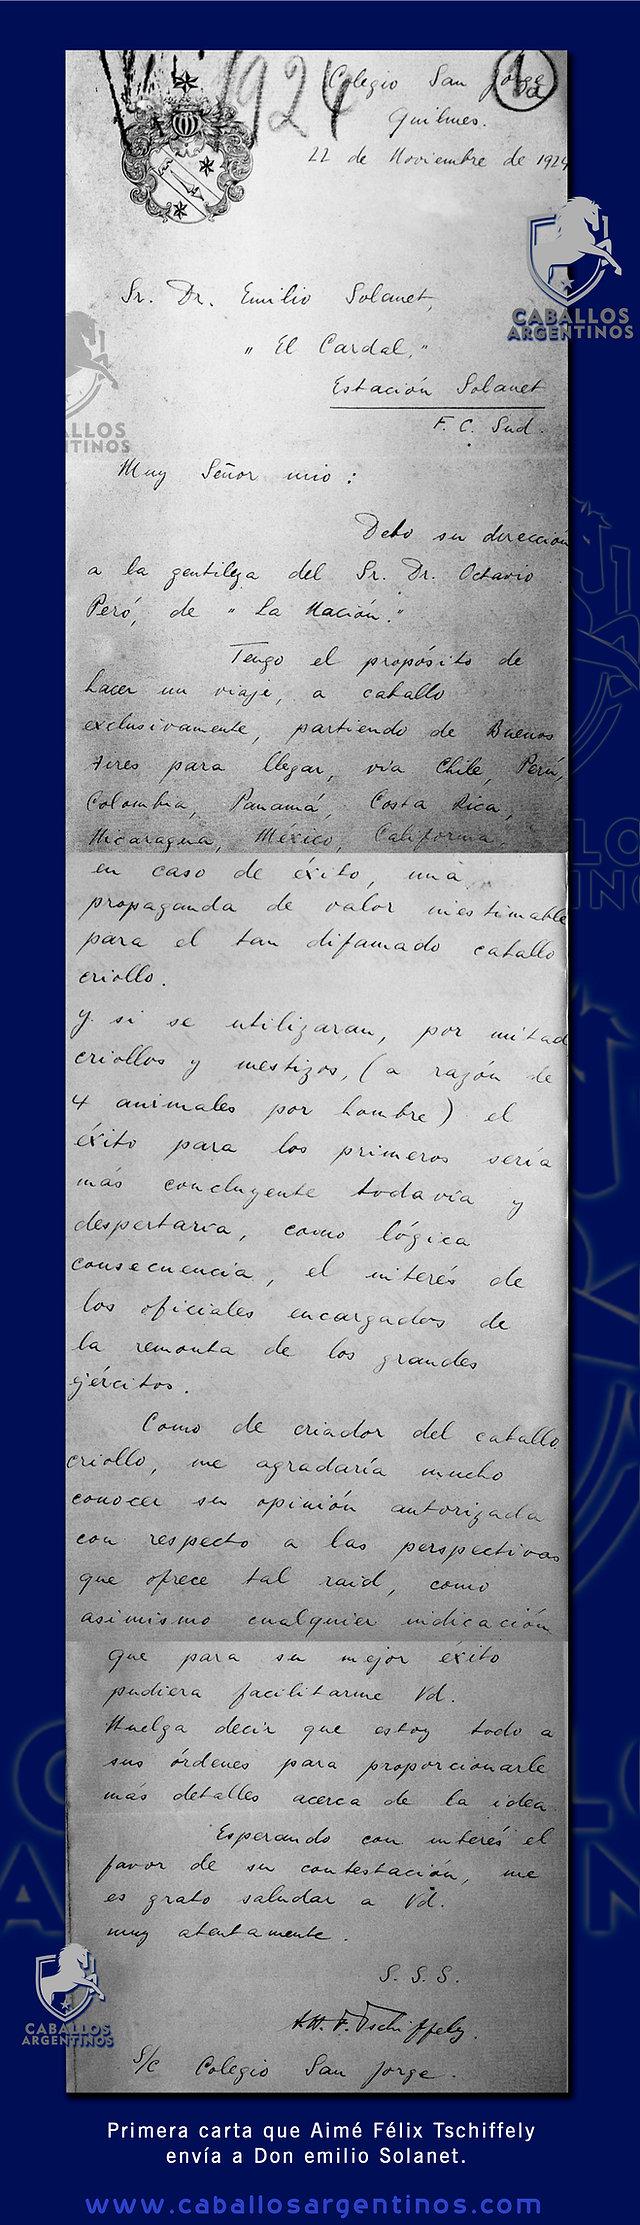 primera carta Tschiffely Solanet.jpg